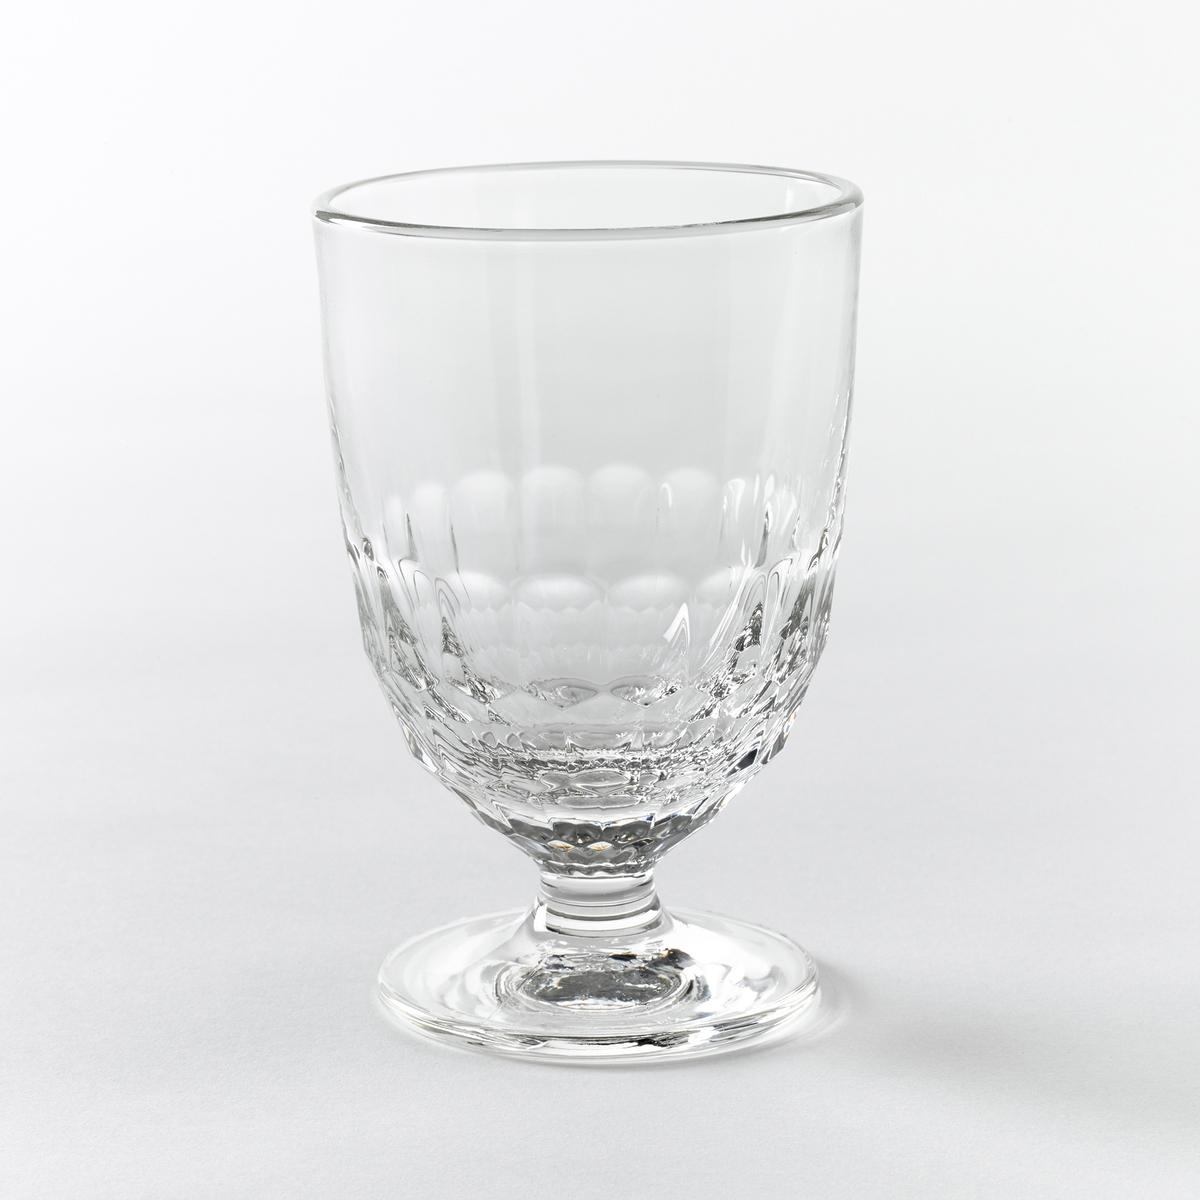 Комплект стаканов для воды с декором в виде сот Artois (6 шт)6 стаканов для воды с декором в виде сот, Cohani  : элегантный стакан для изысканного стола.Характеристики стаканов, Cohani  :- Прессованное стекло, очень прочное- Рельефный декор в виде сот.- Объем 315 см3.- Диаметр 8,3 x Высота 12,6 см.- Можно использовать в посудомоечной машине.- Произведено во Франции.Откройте для себя стаканы для вина того же набора на сайте laredoute.ru<br><br>Цвет: стеклянный прозрачный